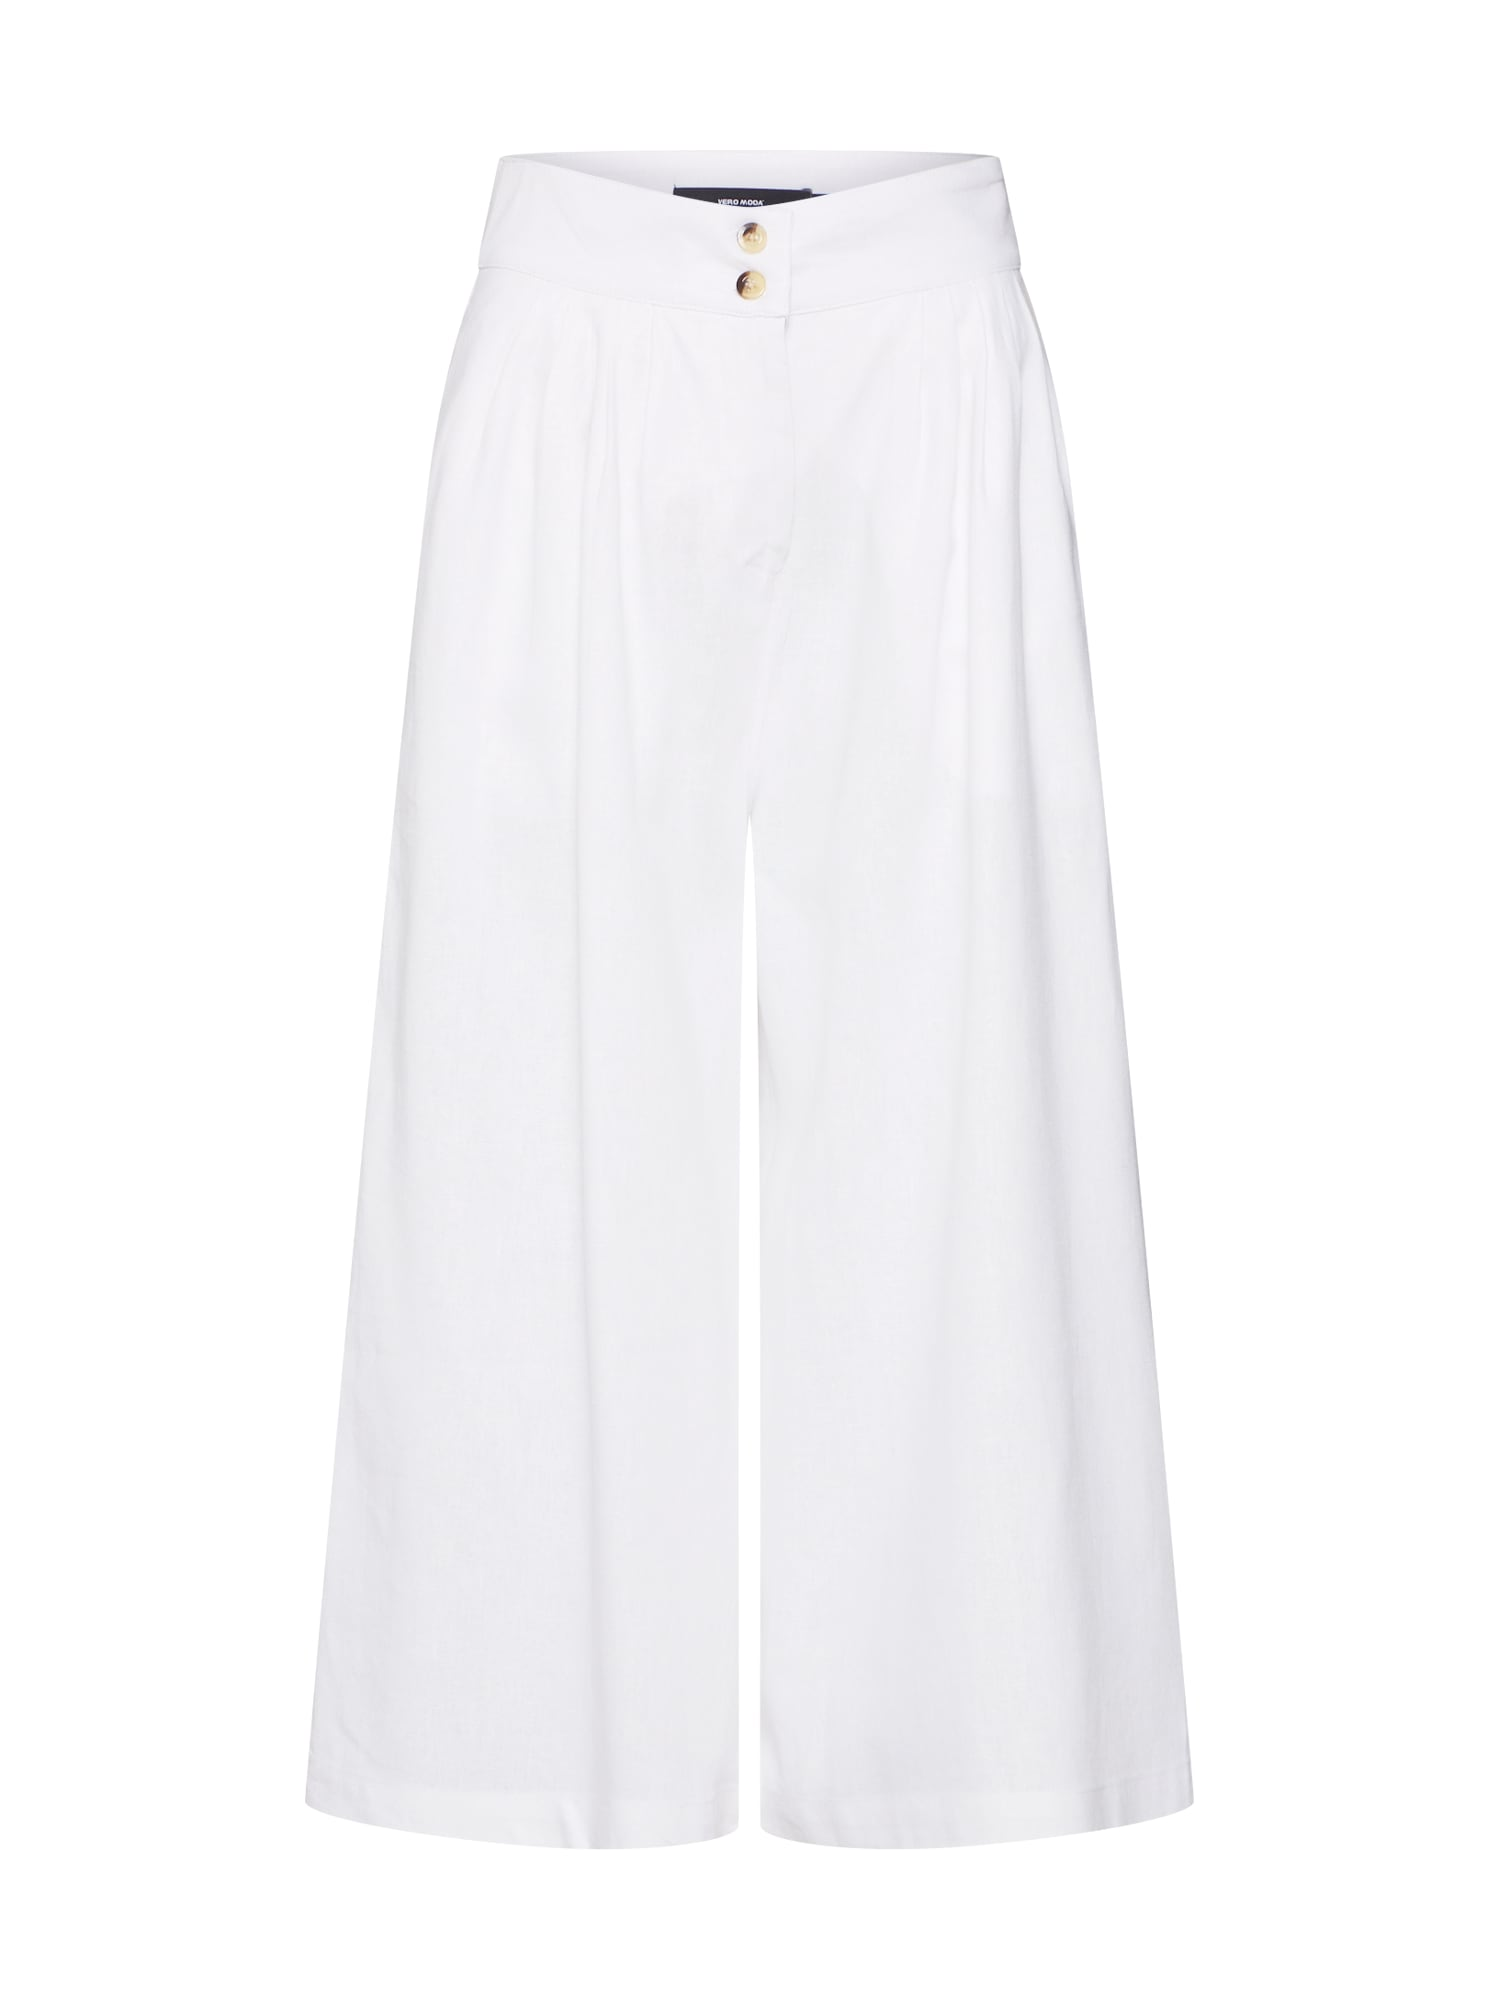 Kalhoty Mali bílá VERO MODA